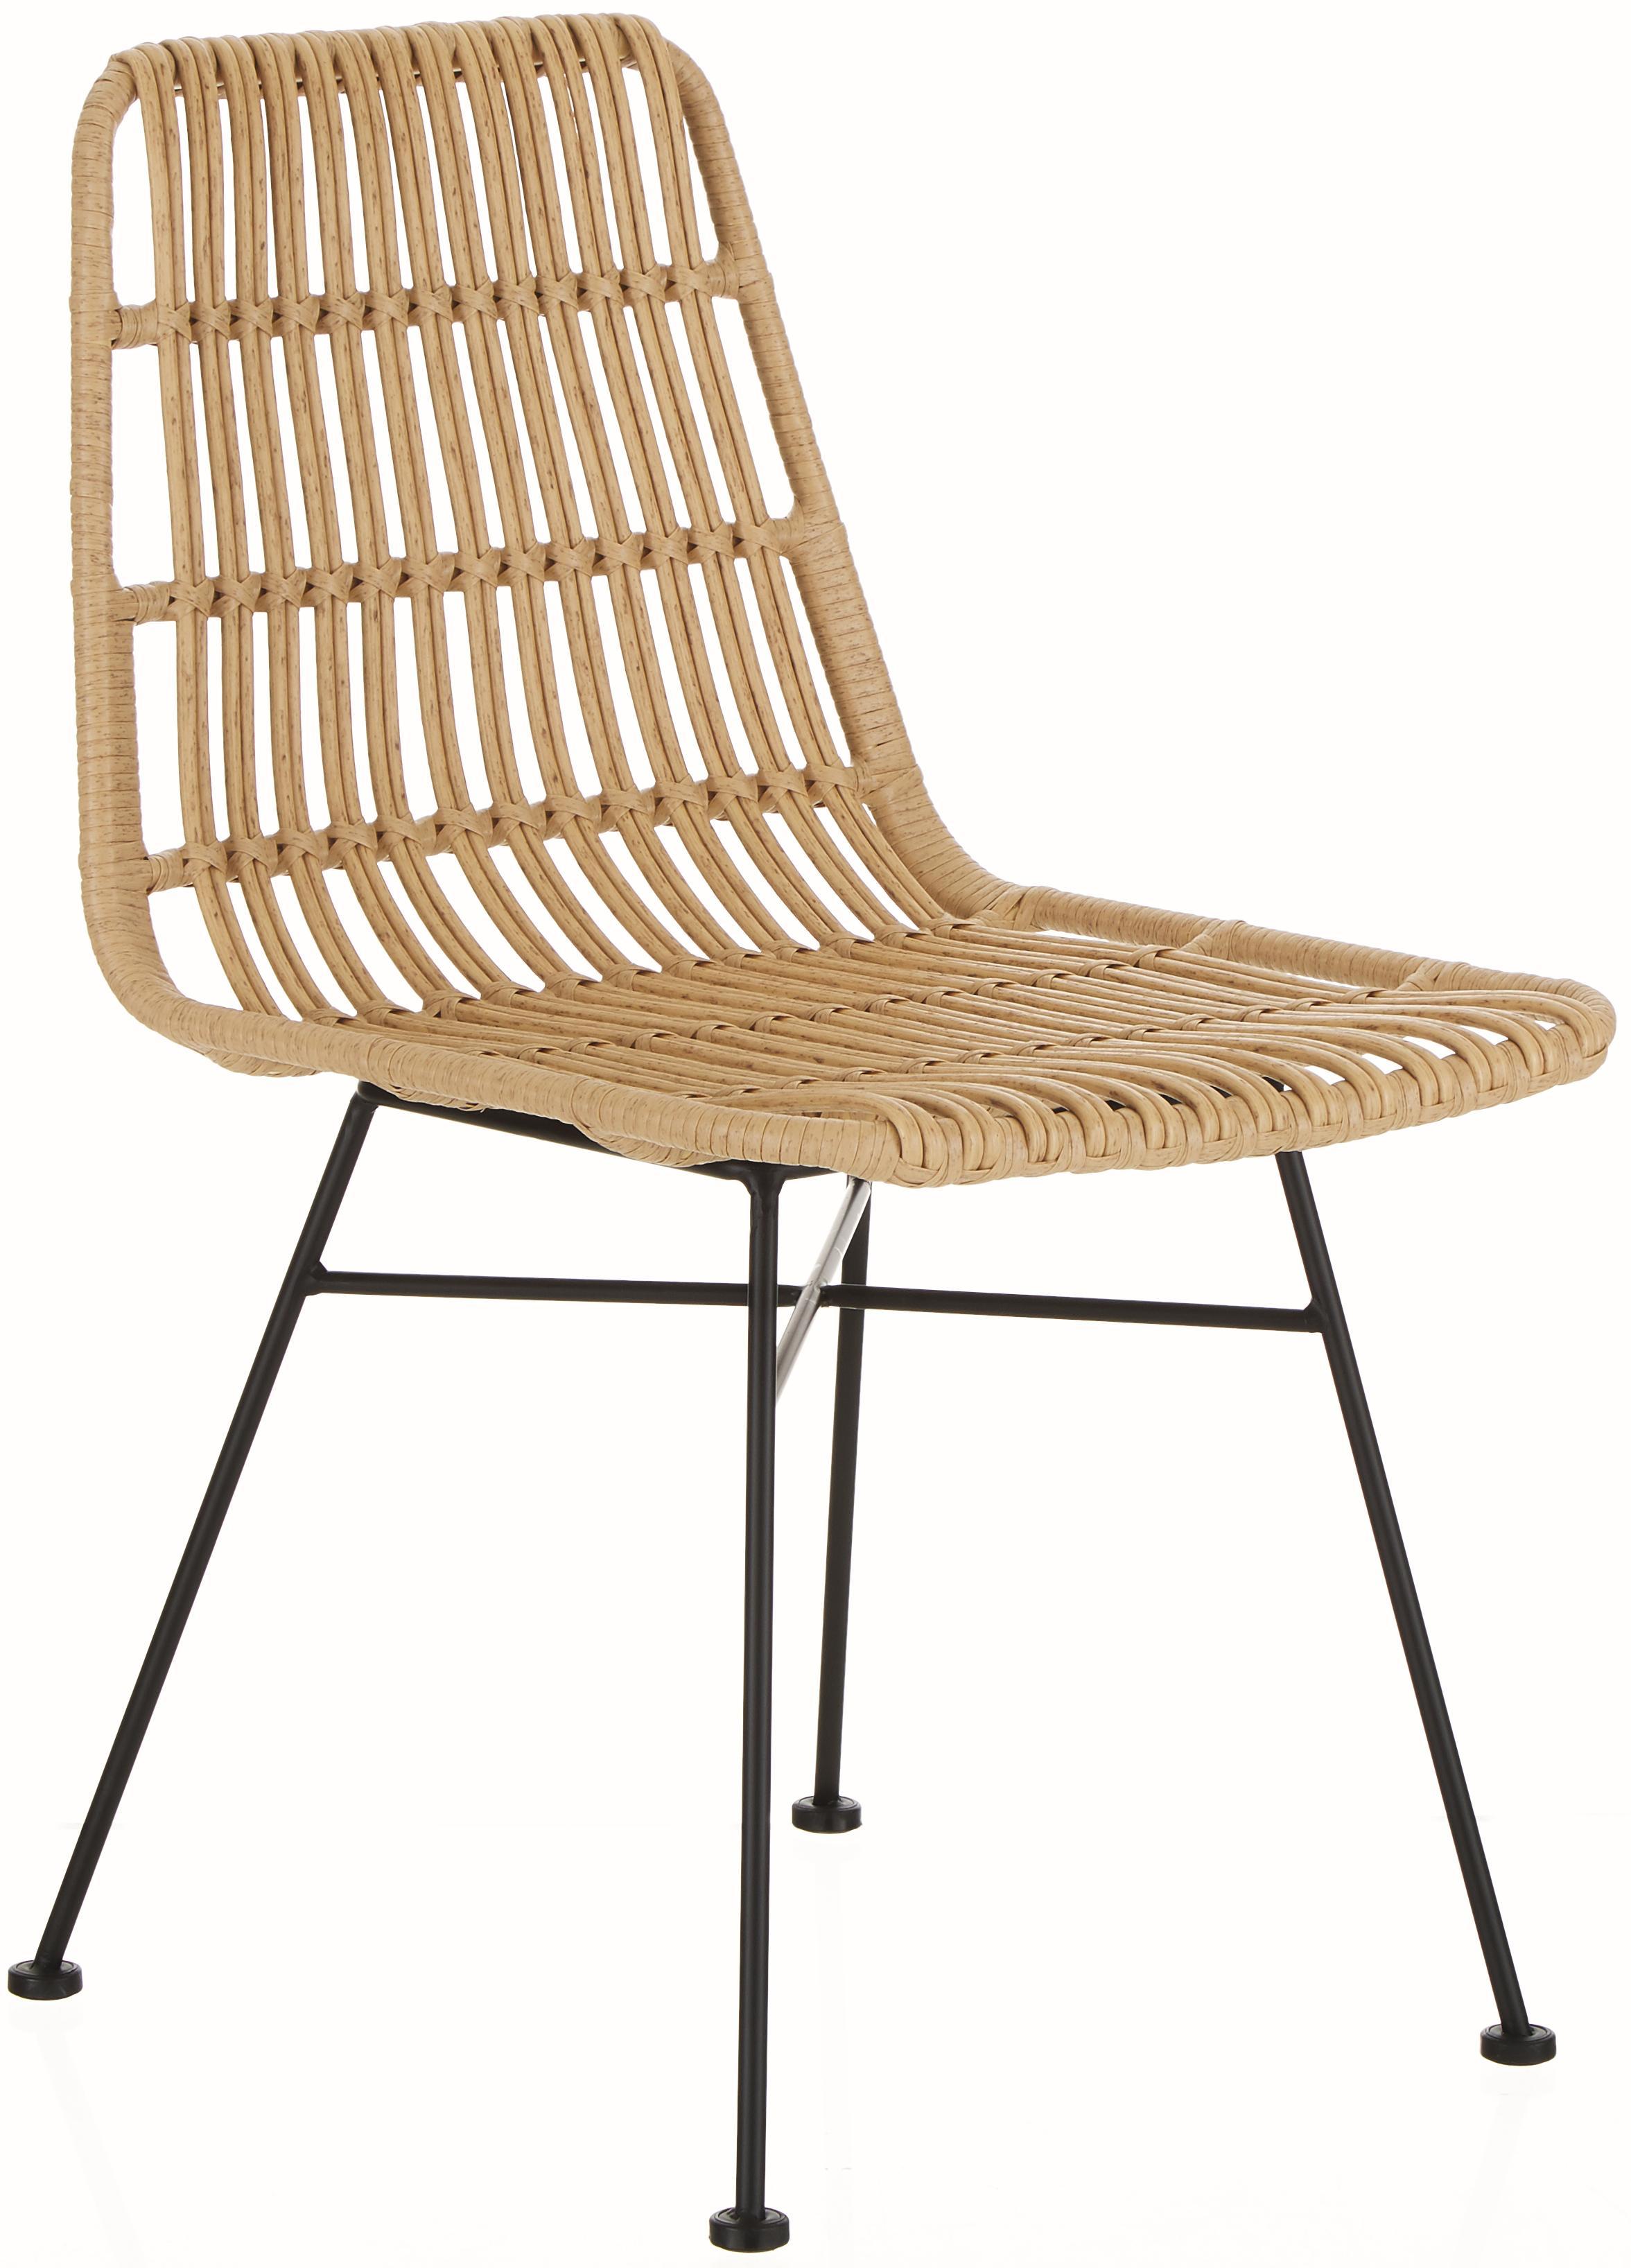 Sillas Tulum, 2uds., Asiento: polietileno, Estructura: metal, pintura en polvo, Asiento: beige manchado Estructura: negro mate, An 47 x F 62 cm